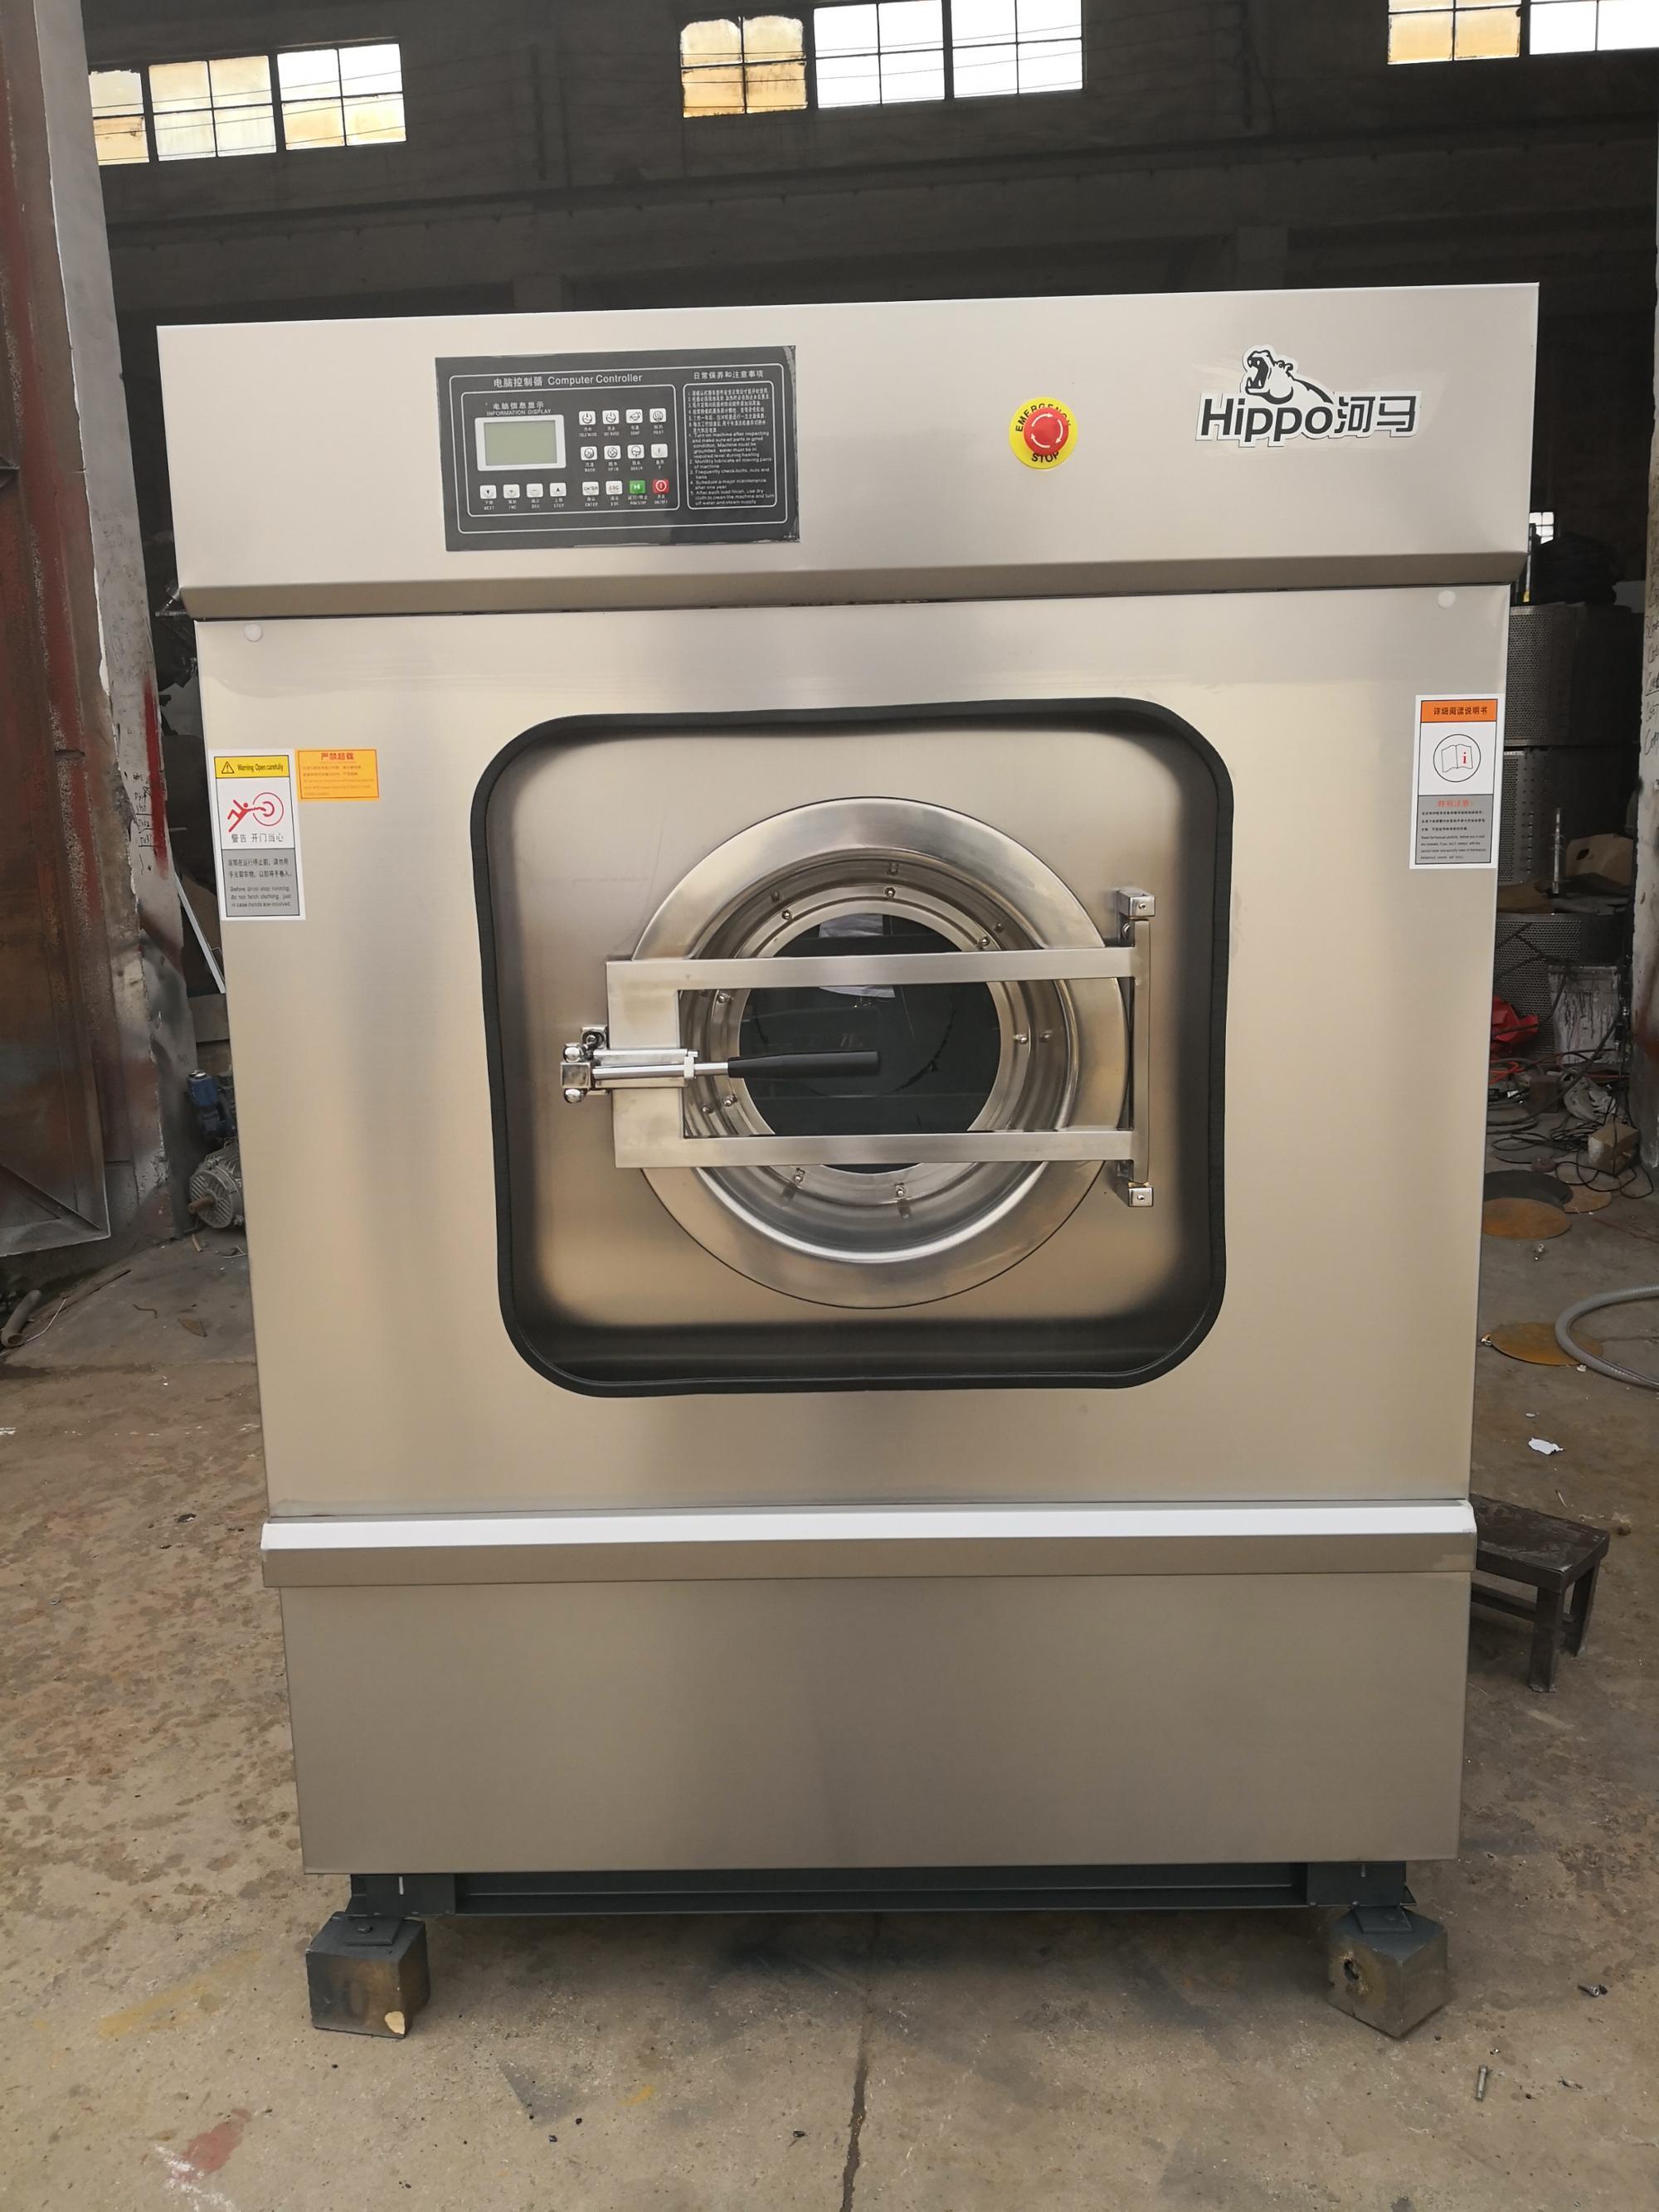 Finden Sie Hohe Qualität Wäsche Waschmaschine Hersteller und